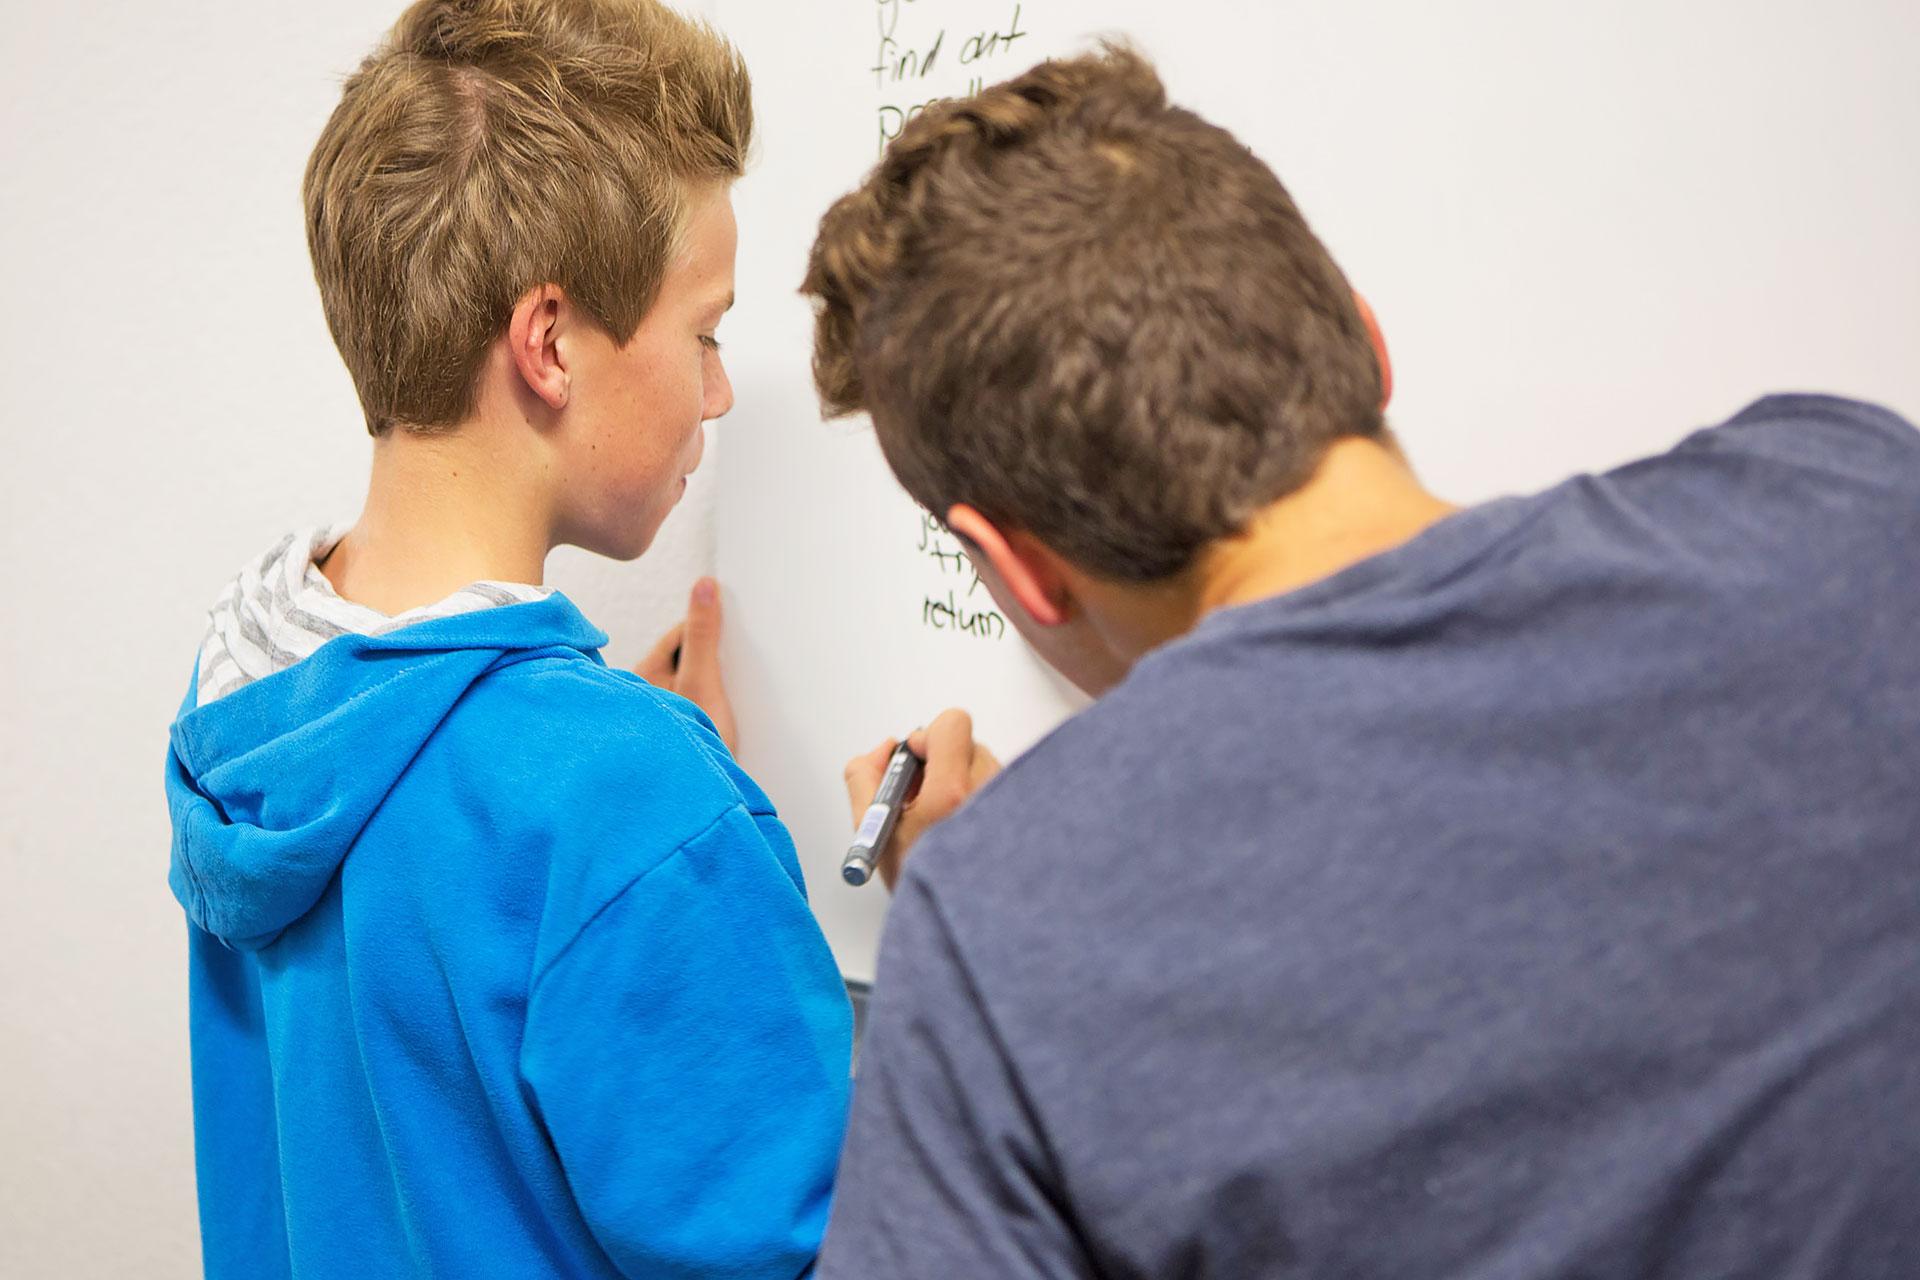 zwei Schüler arbeiten kooperativ an einer Aufgabe am Whiteboard